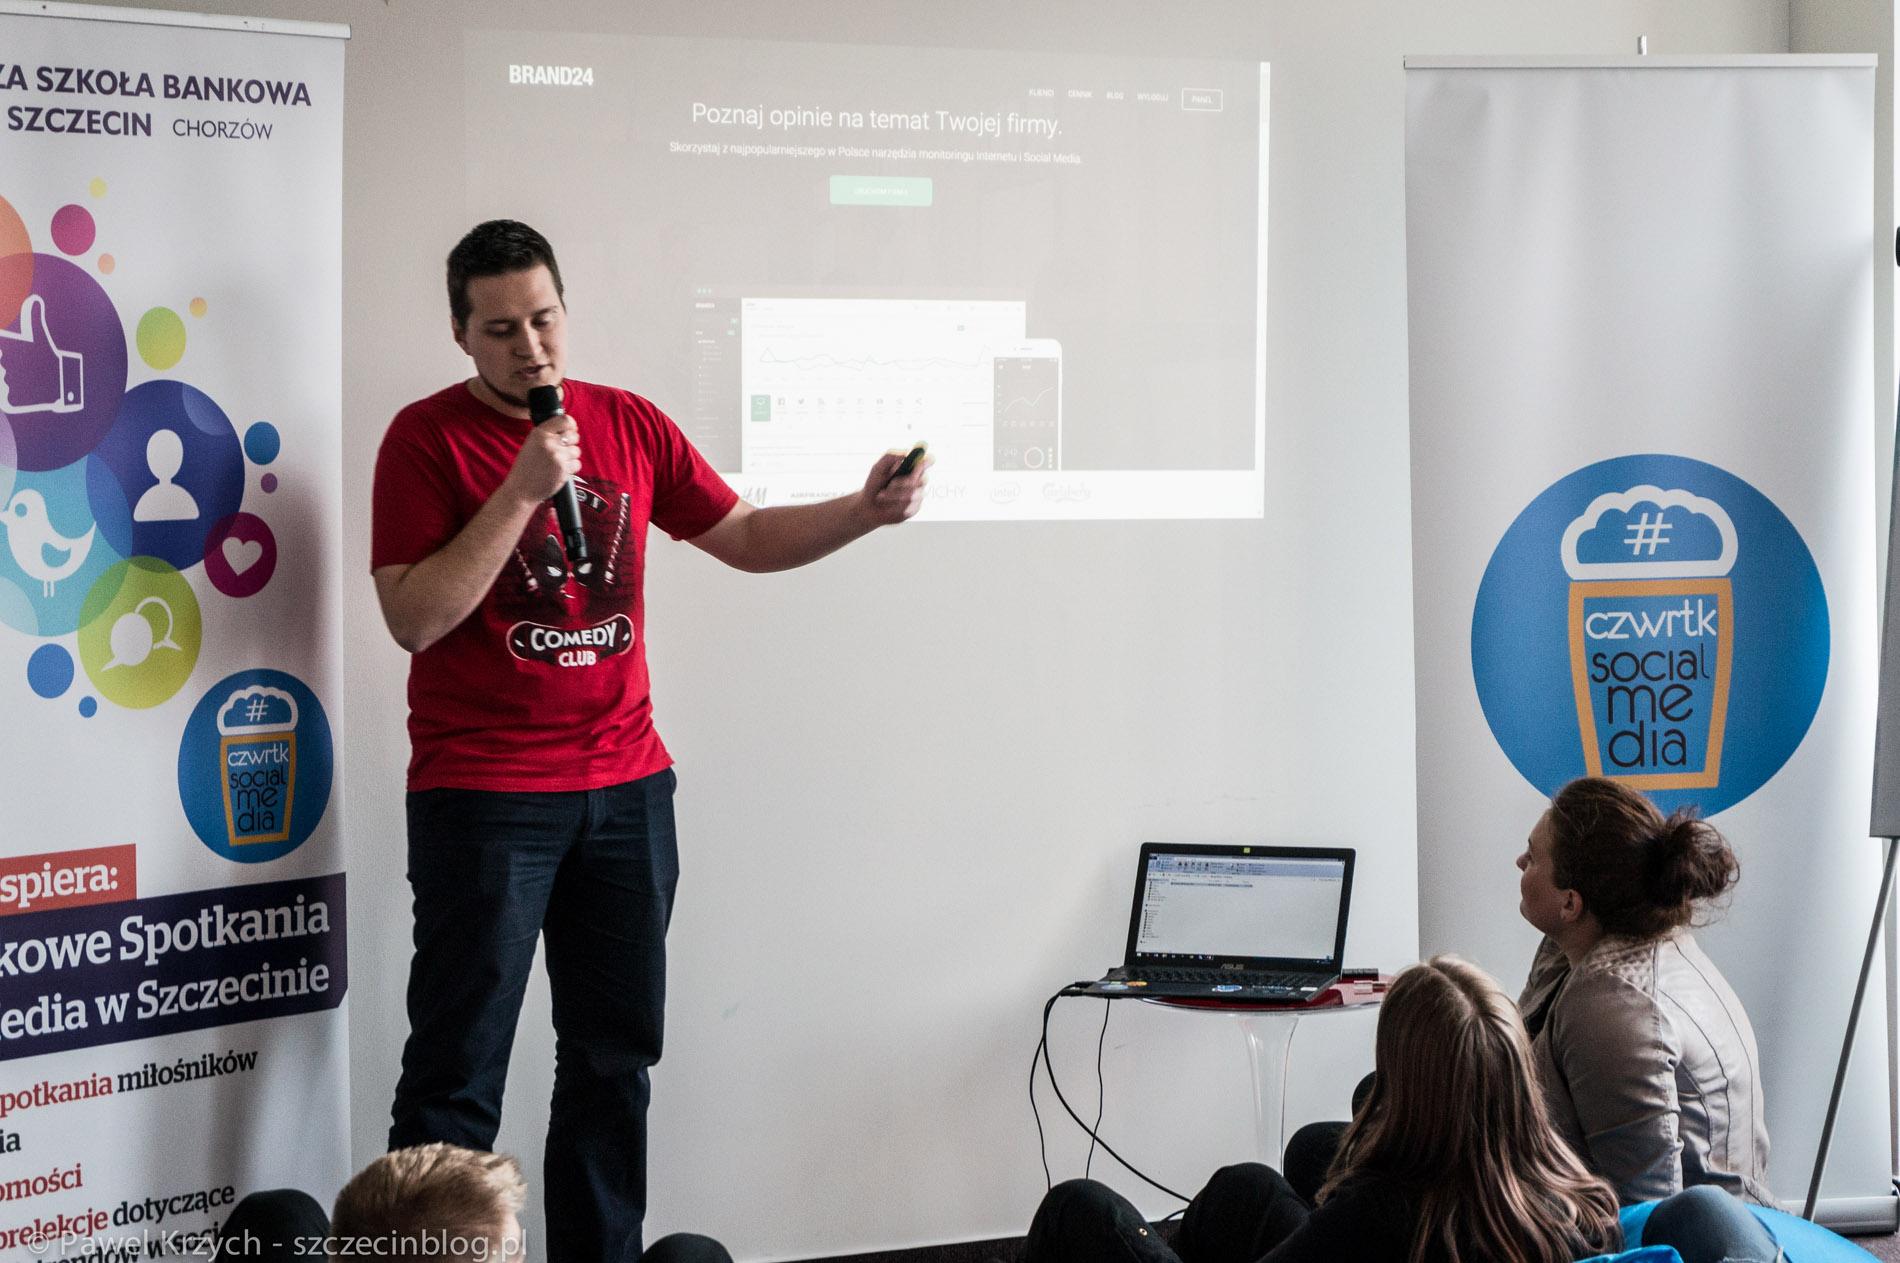 Mikołaj Winkiel z Brand24 podczas poprzedniego Social Media Czwartku w Business Link Szczecin